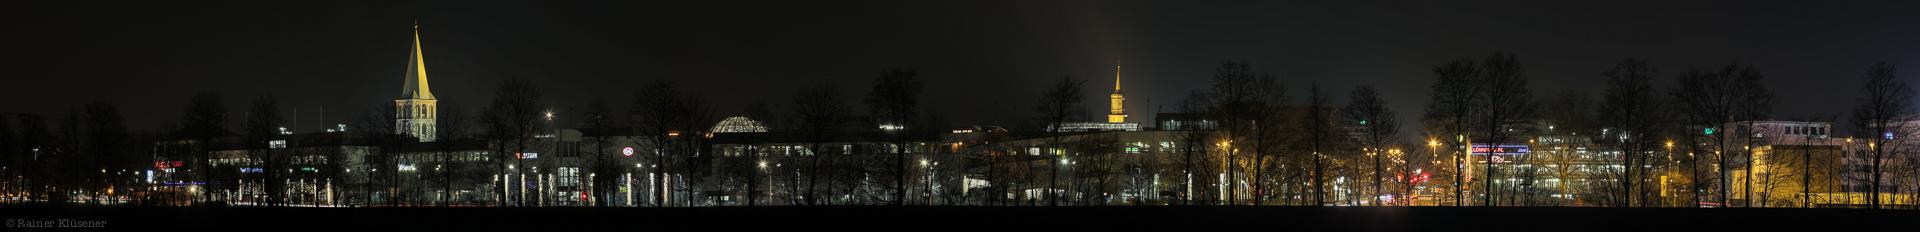 eine kleine skyline